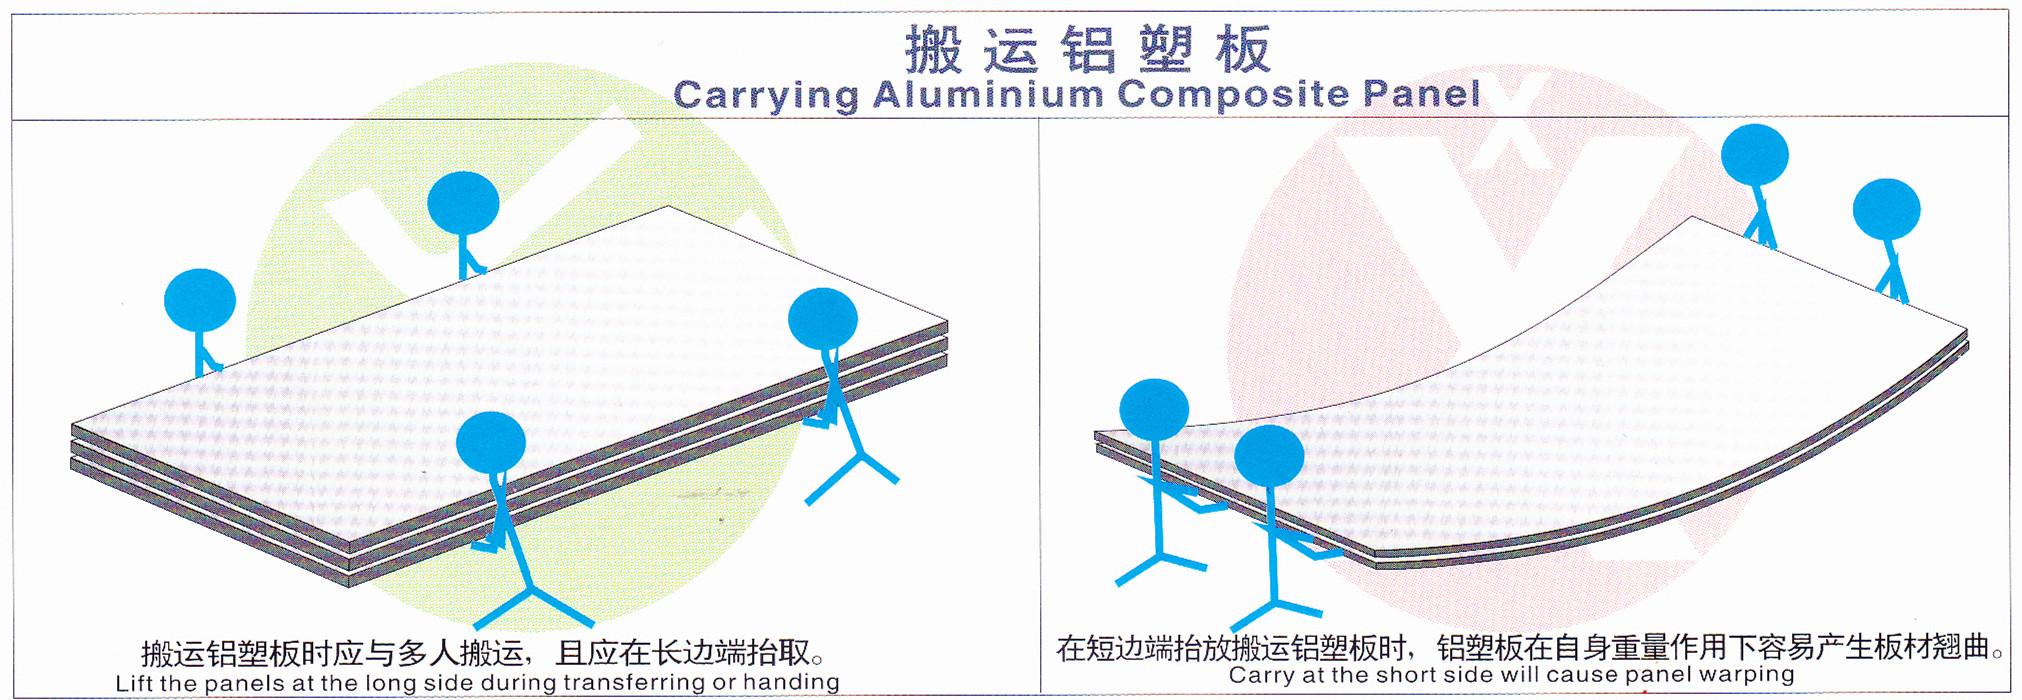 carrying aluminium composite panel.jpg